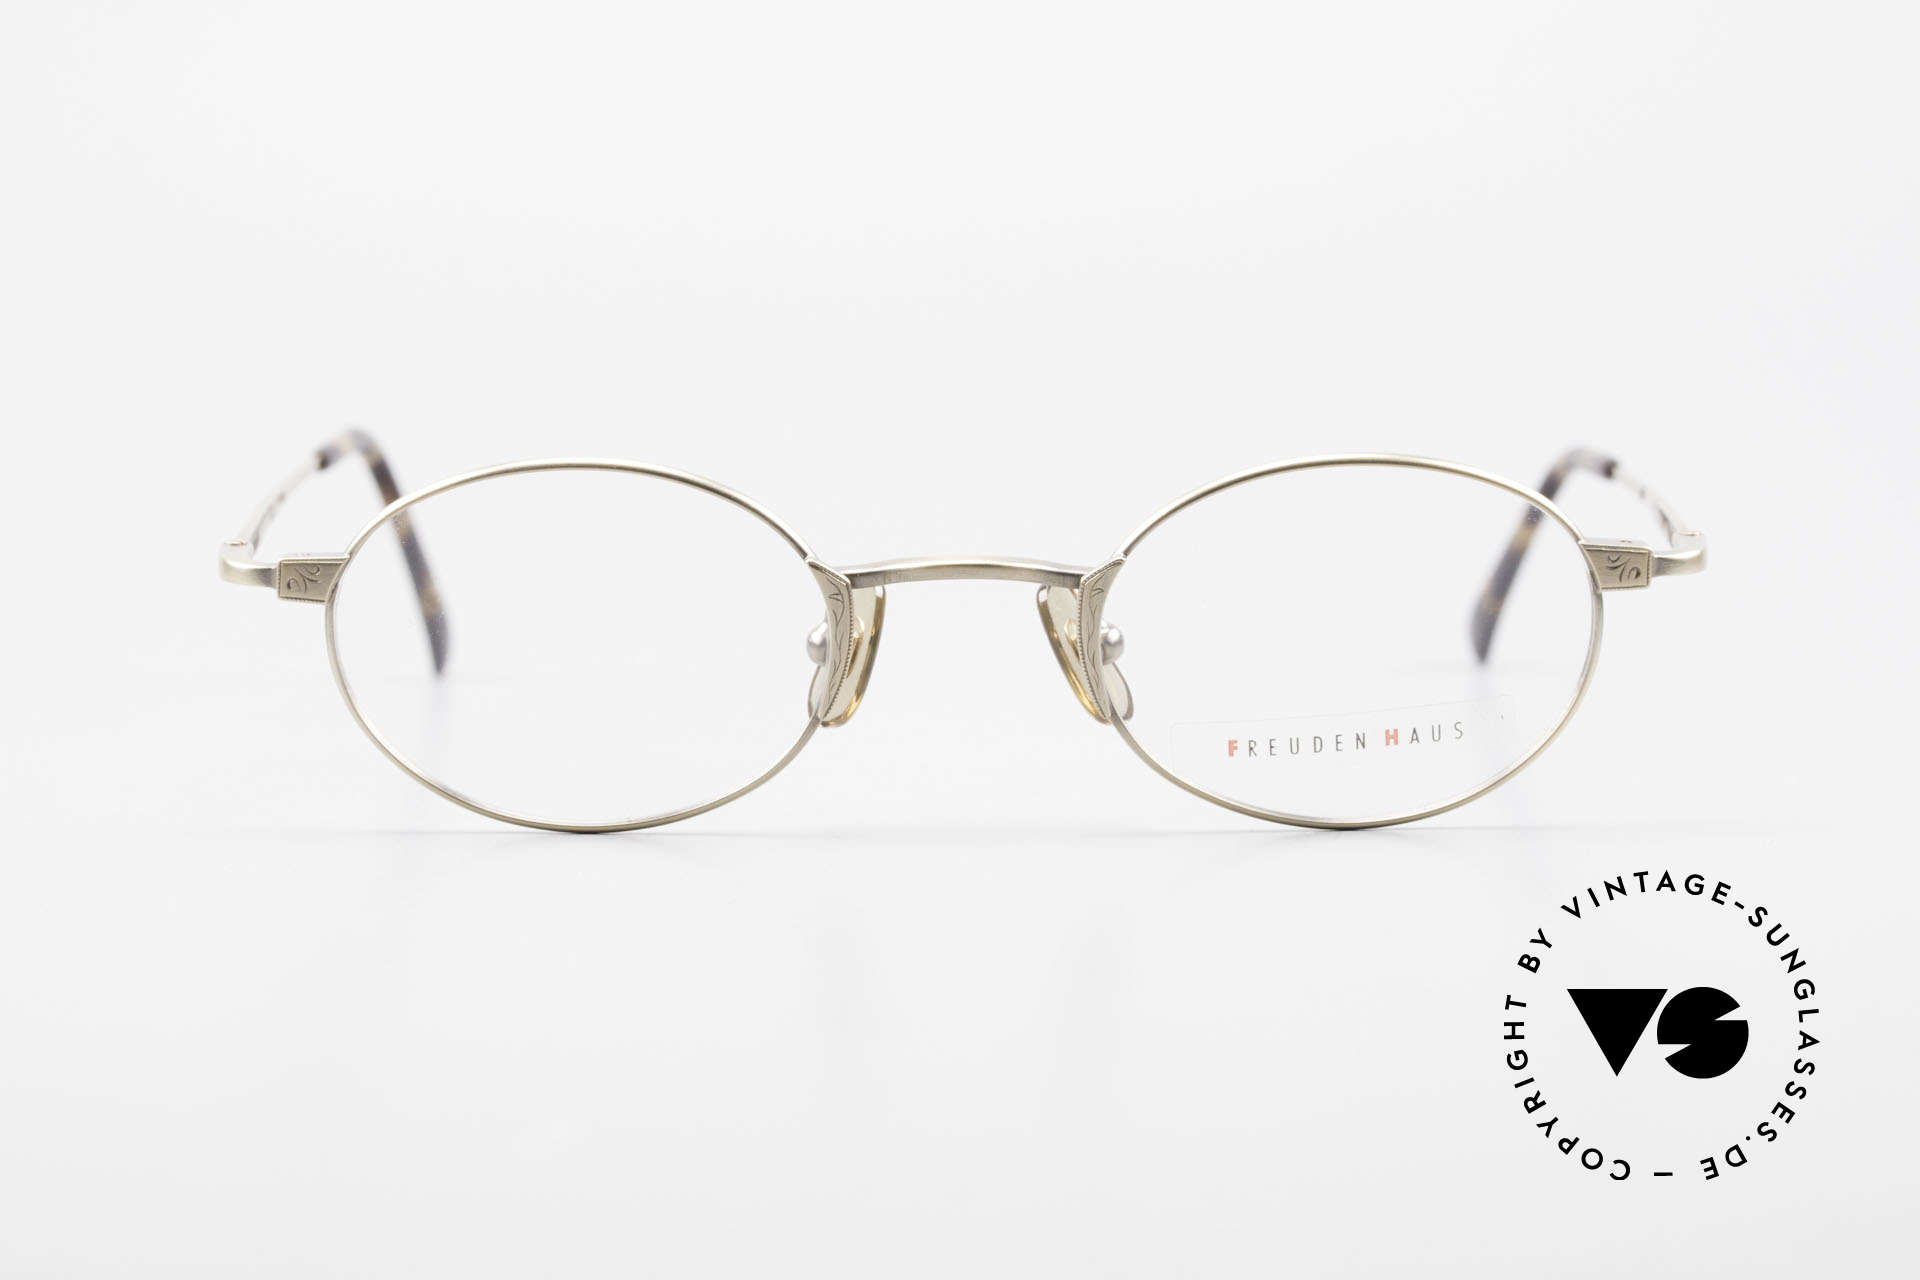 Freudenhaus Zaki Ovale Titan Vintage Brille, exzellente Titanium-Fassung & entsprechend leicht, Passend für Herren und Damen